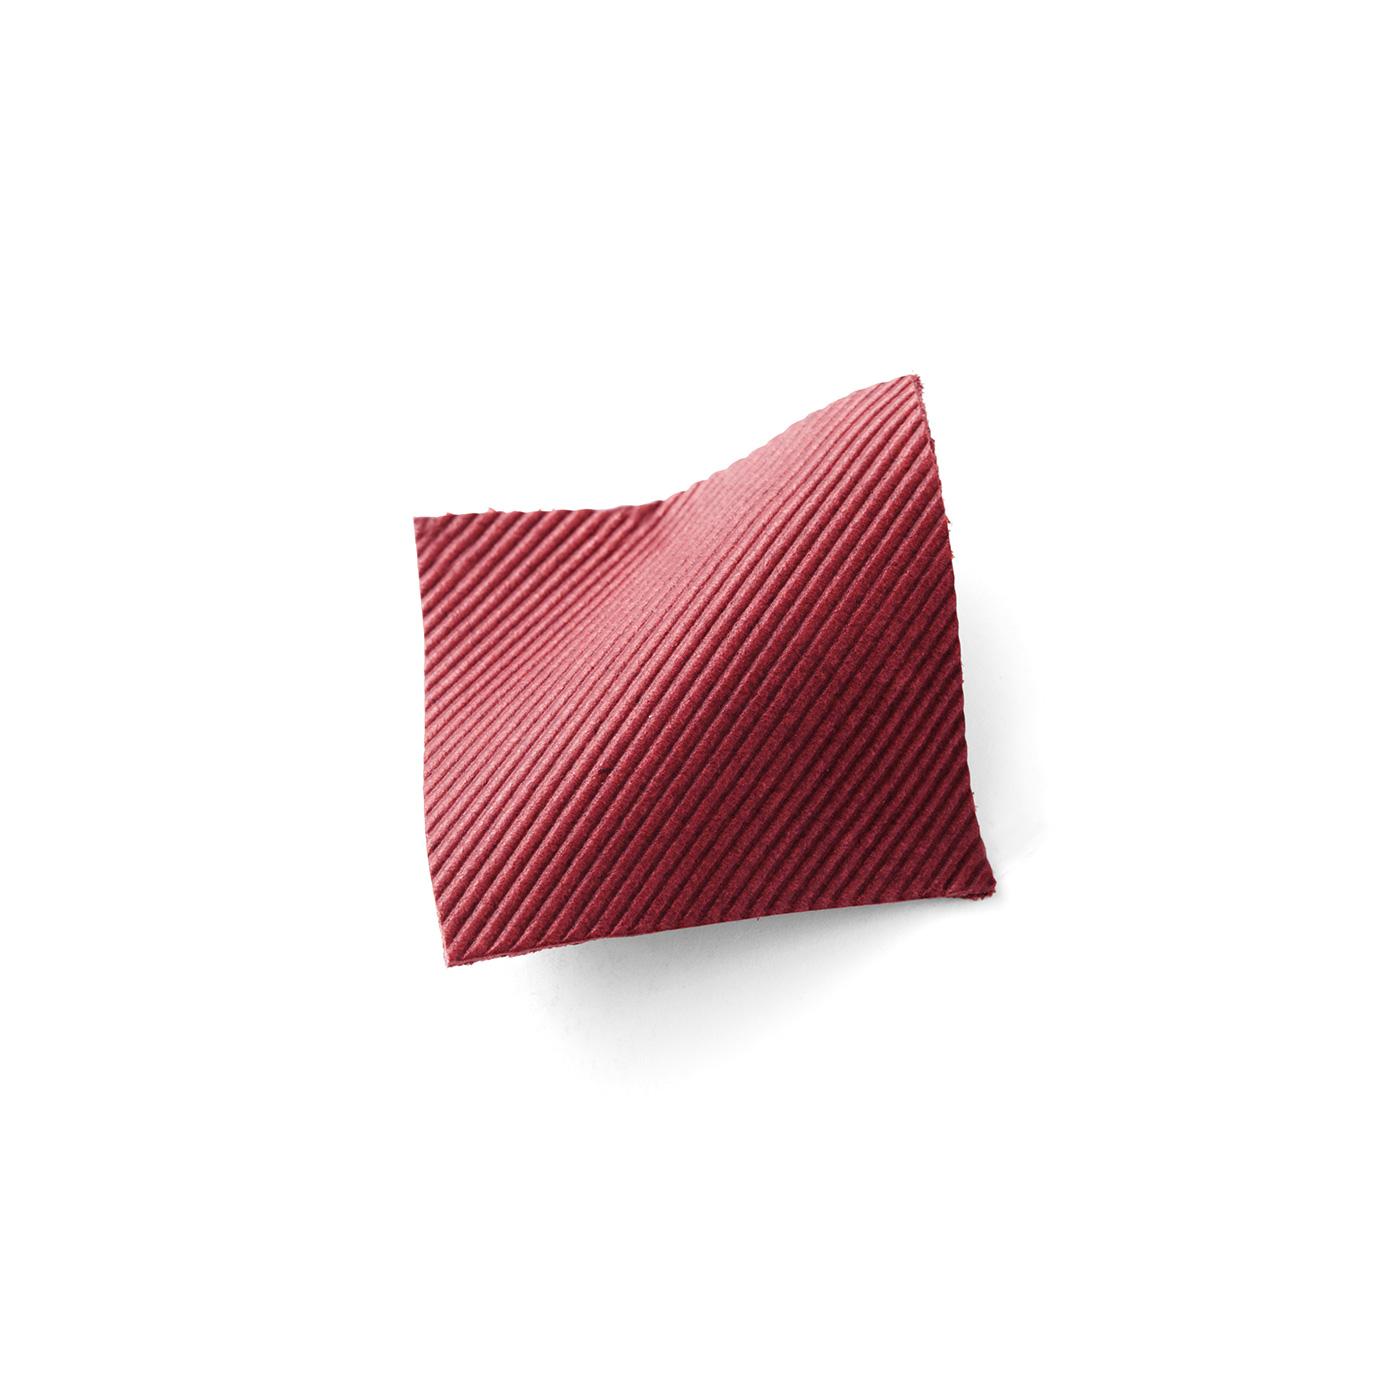 綾織り風型押しで、生地のような見た目の革です。